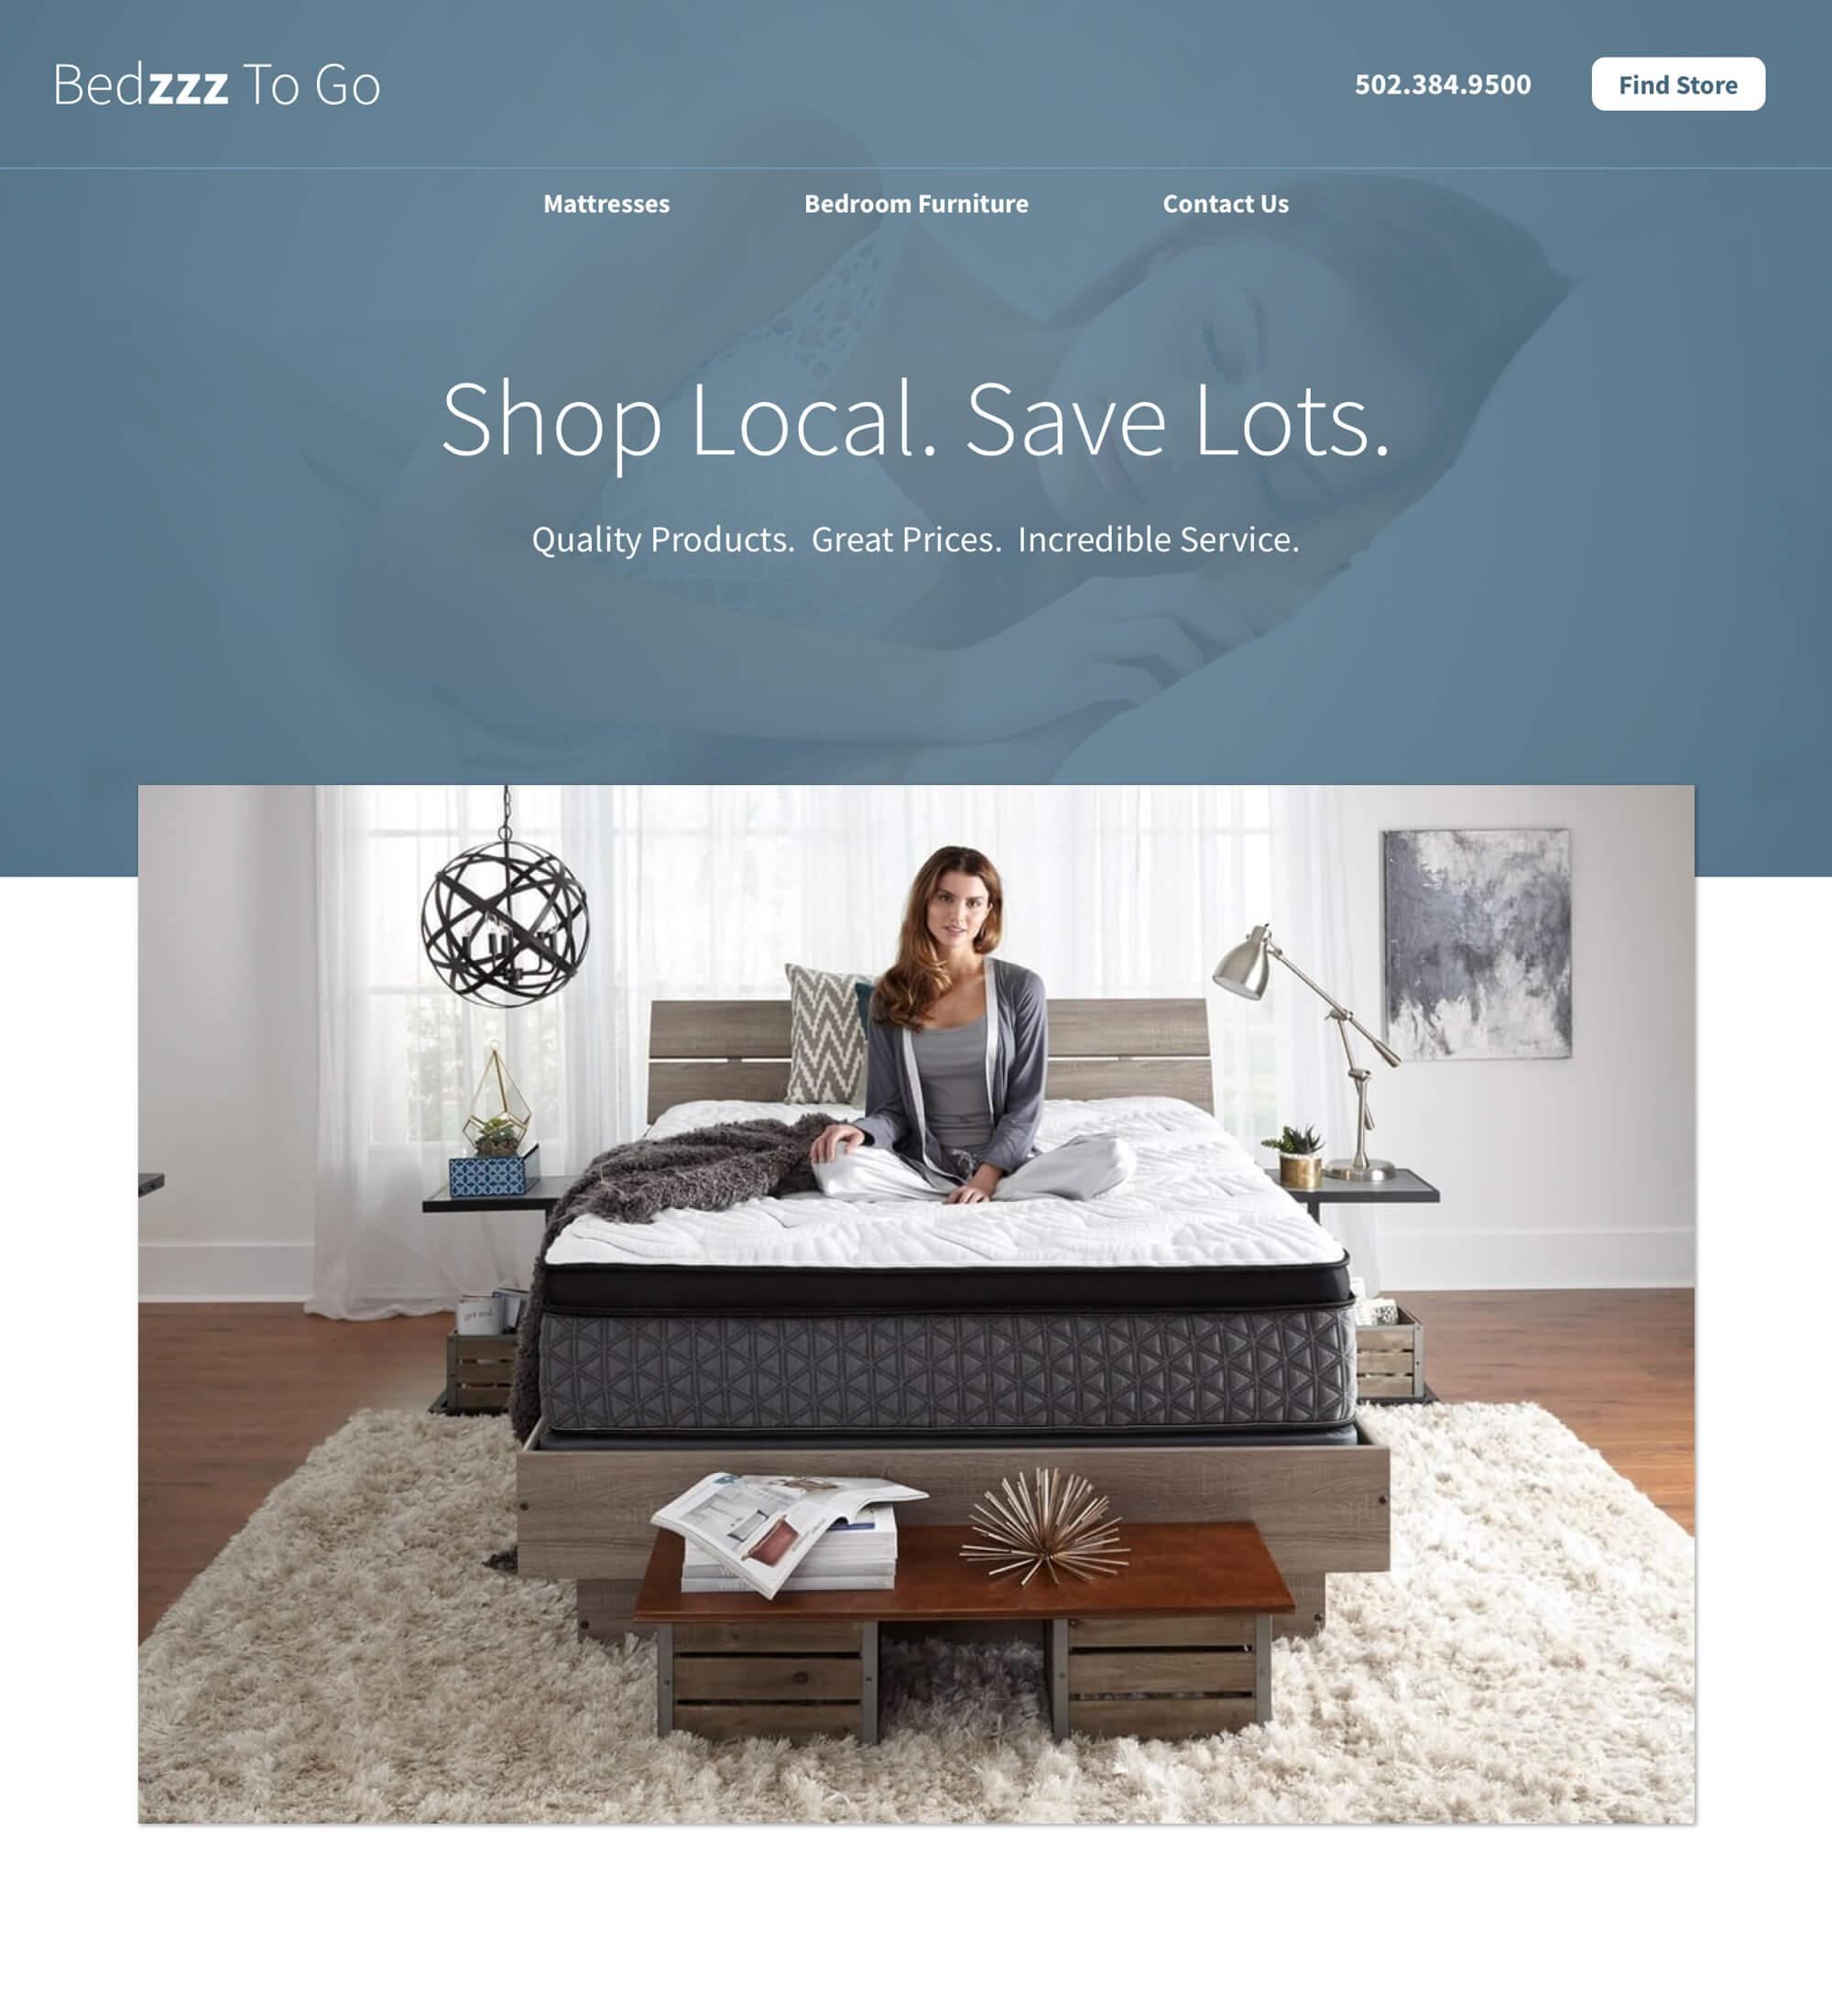 Bedzzz To Go Corporate Website